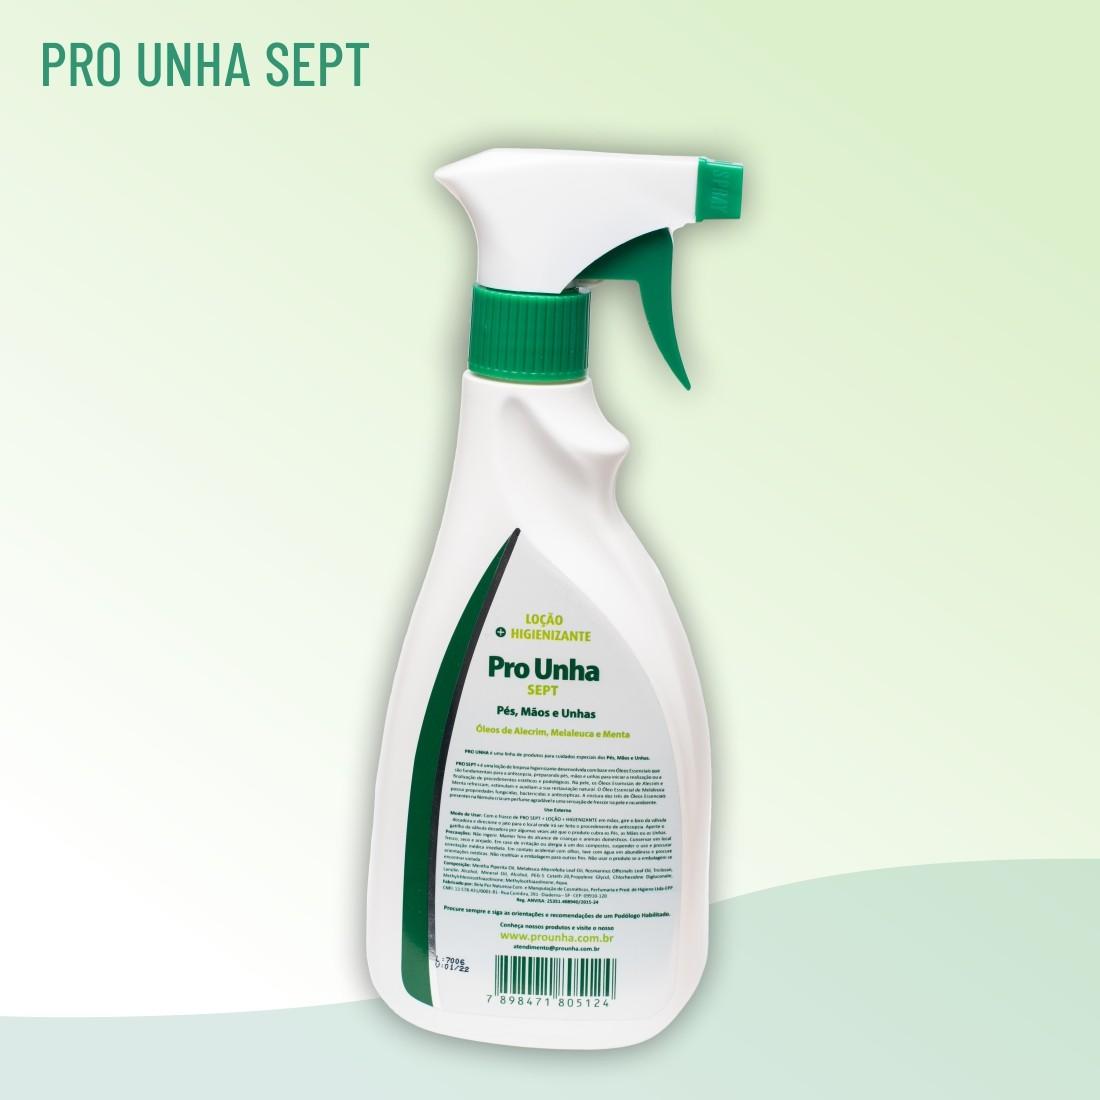 Pro Unha Sept - 500ml